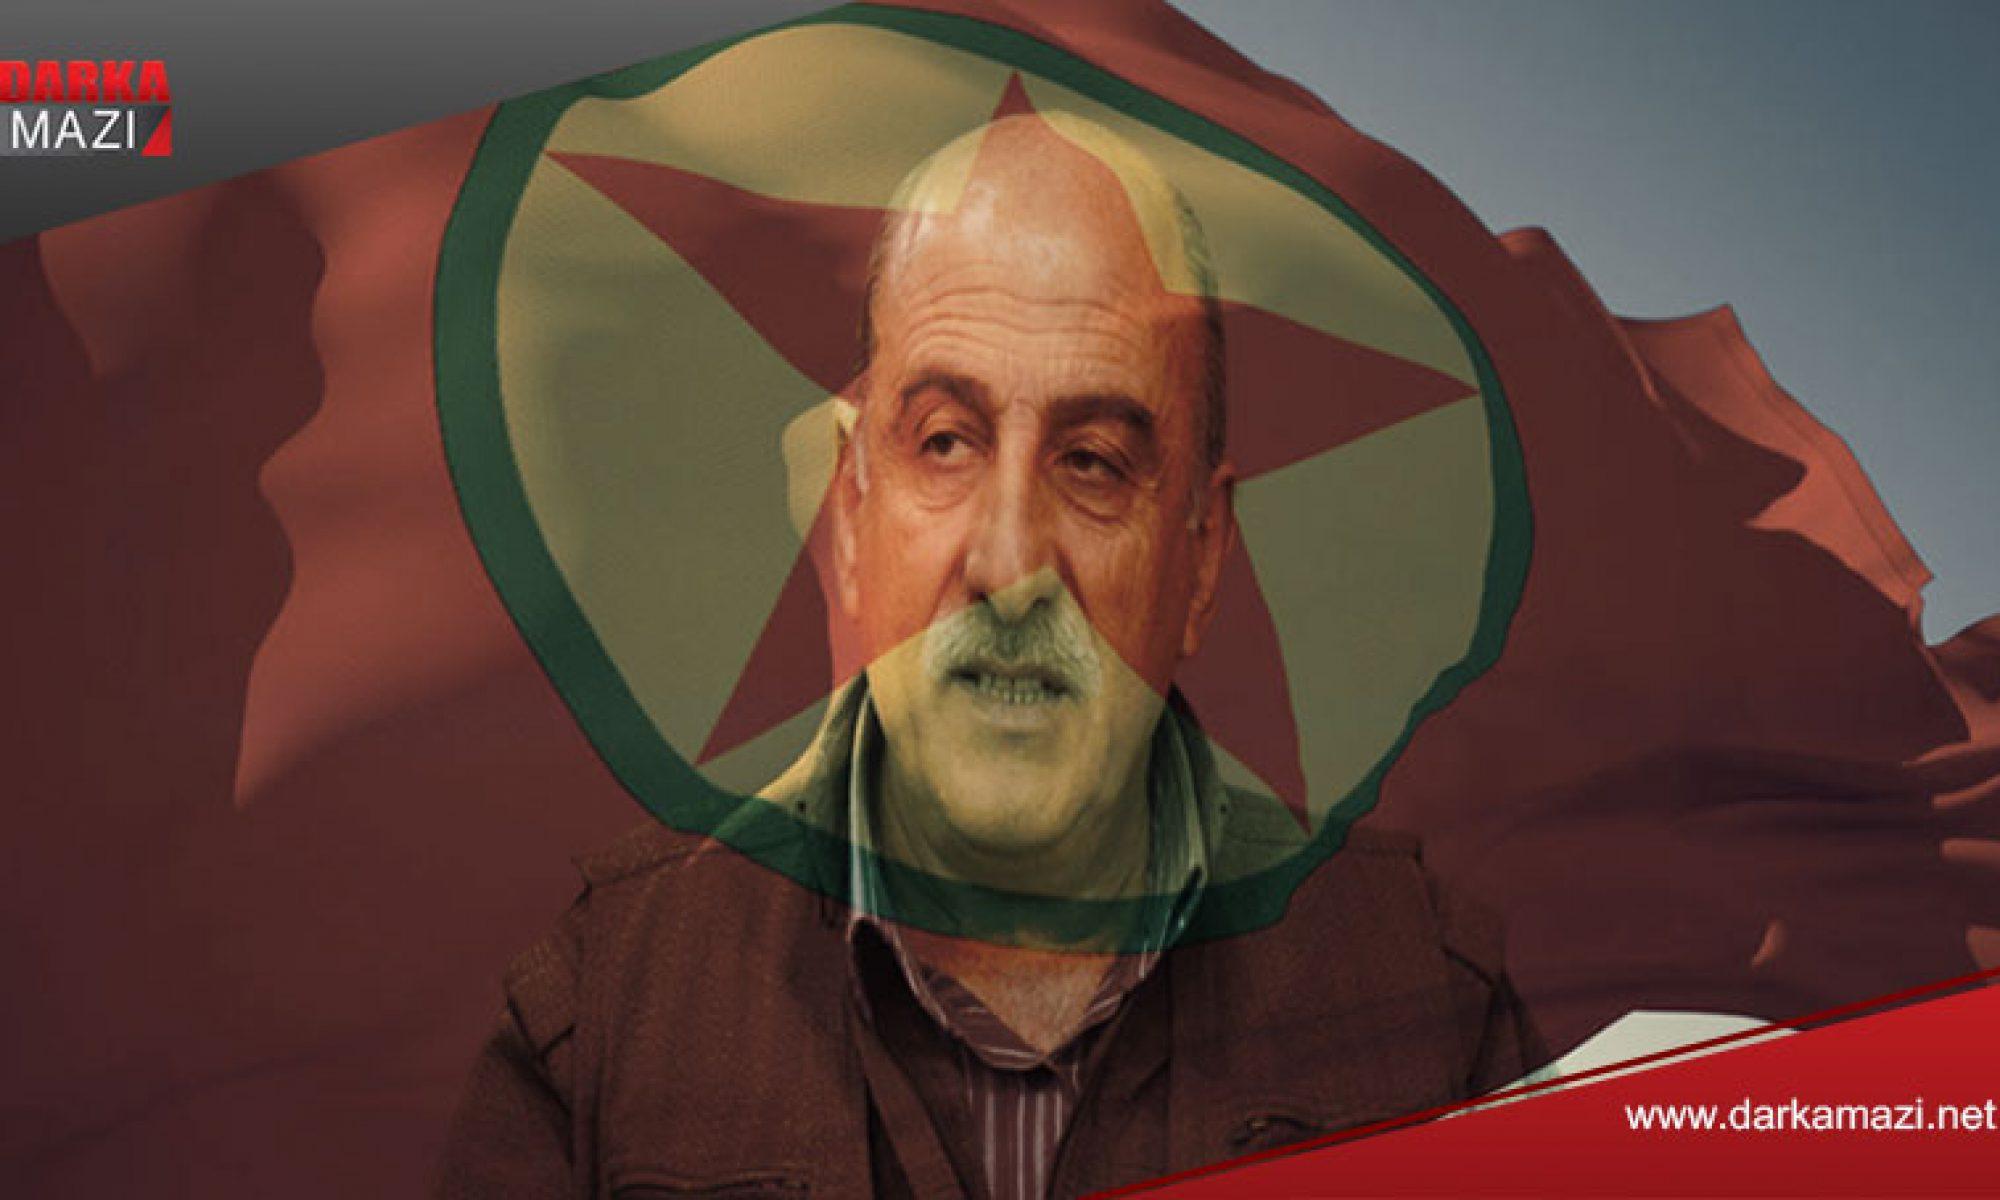 Duran Kalkan bir hain arıyorsa nereye bakması gerek? Abdullah Öcalan KCK; PKK; Cemil Bayık, Mustfa Karasu , Bırakuji, Kürtler arası savaş, Peşmerge, Kurdistan,. KRG, Barzani